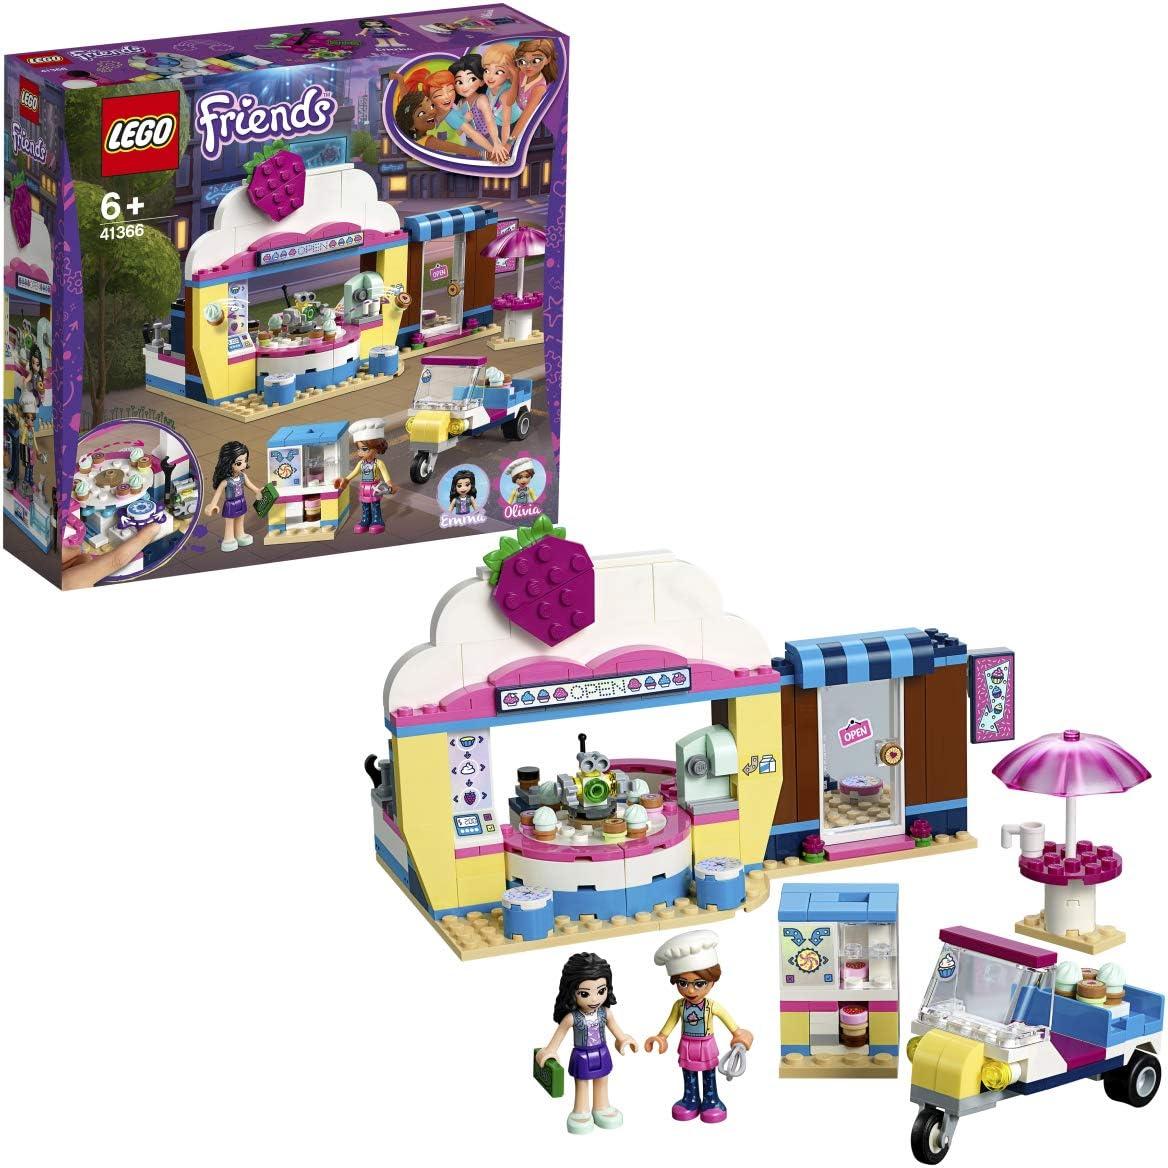 LEGO Friends - Cafetería Cupcake de Olivia Juguete Creativo de Construcción con Detalles para Crear tu Propia Pastelería (41366)